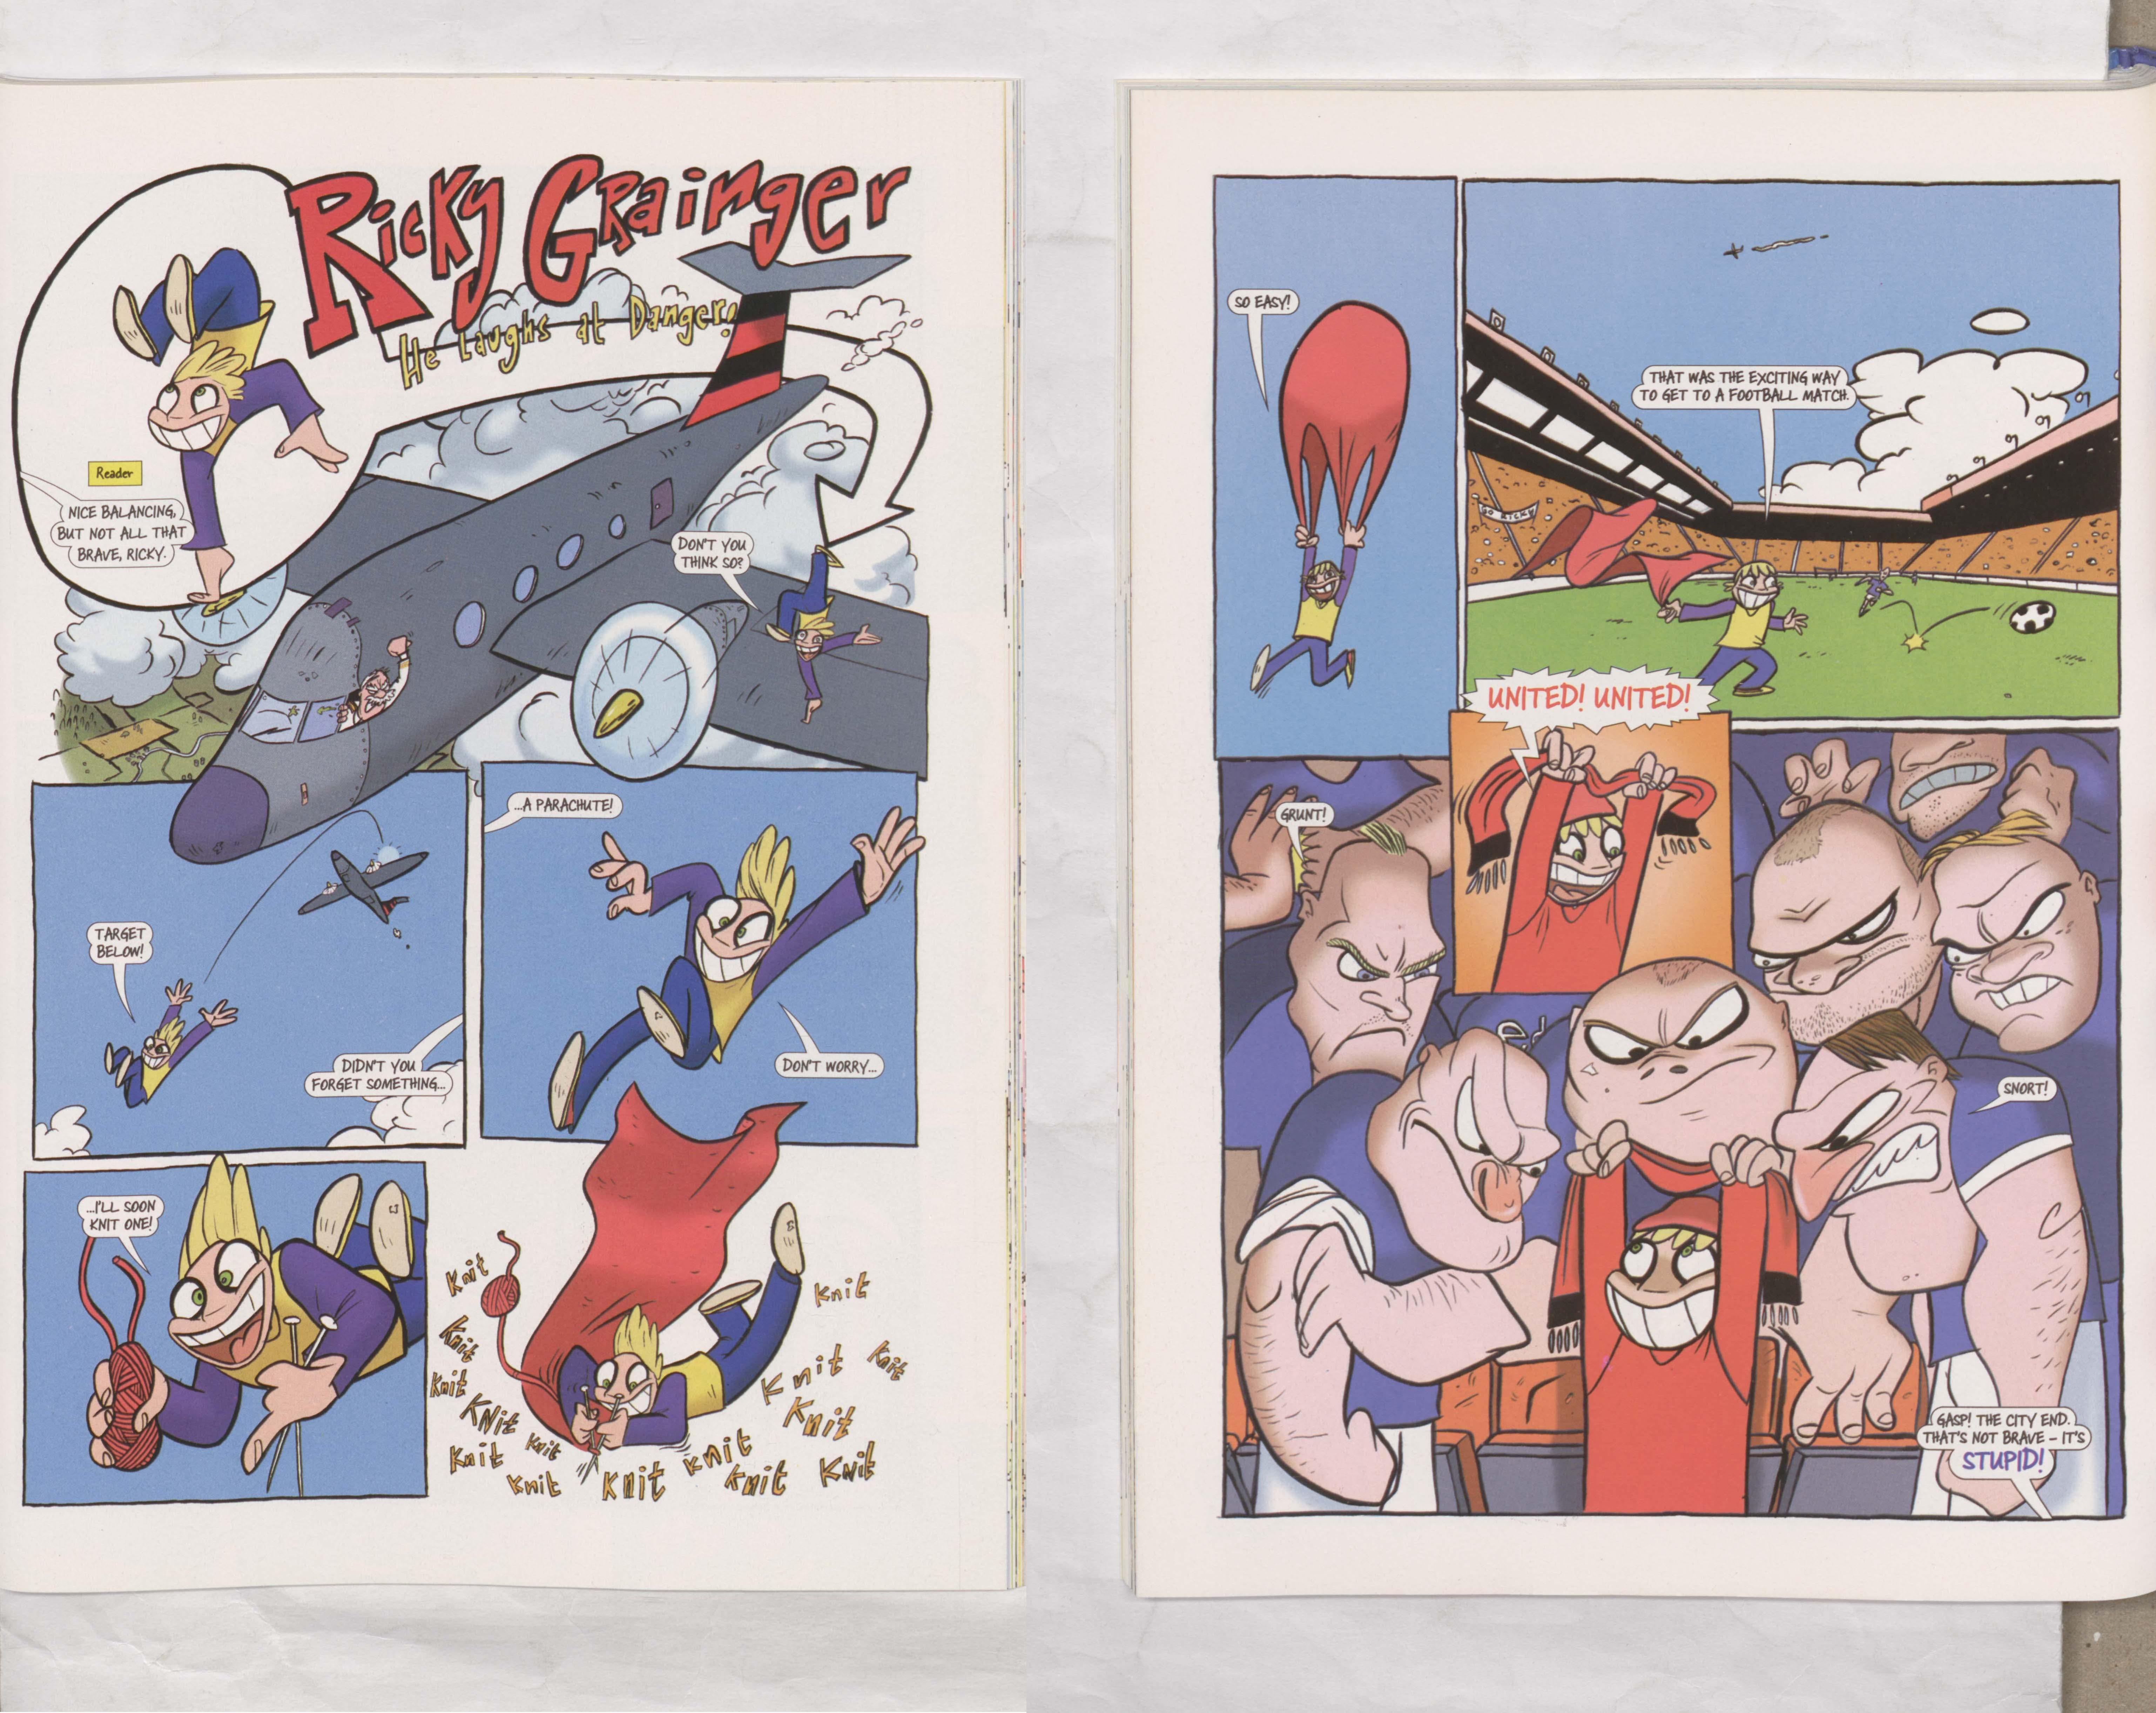 Ricky Grainger - He Laughs at Danger - Beano Annual 2005